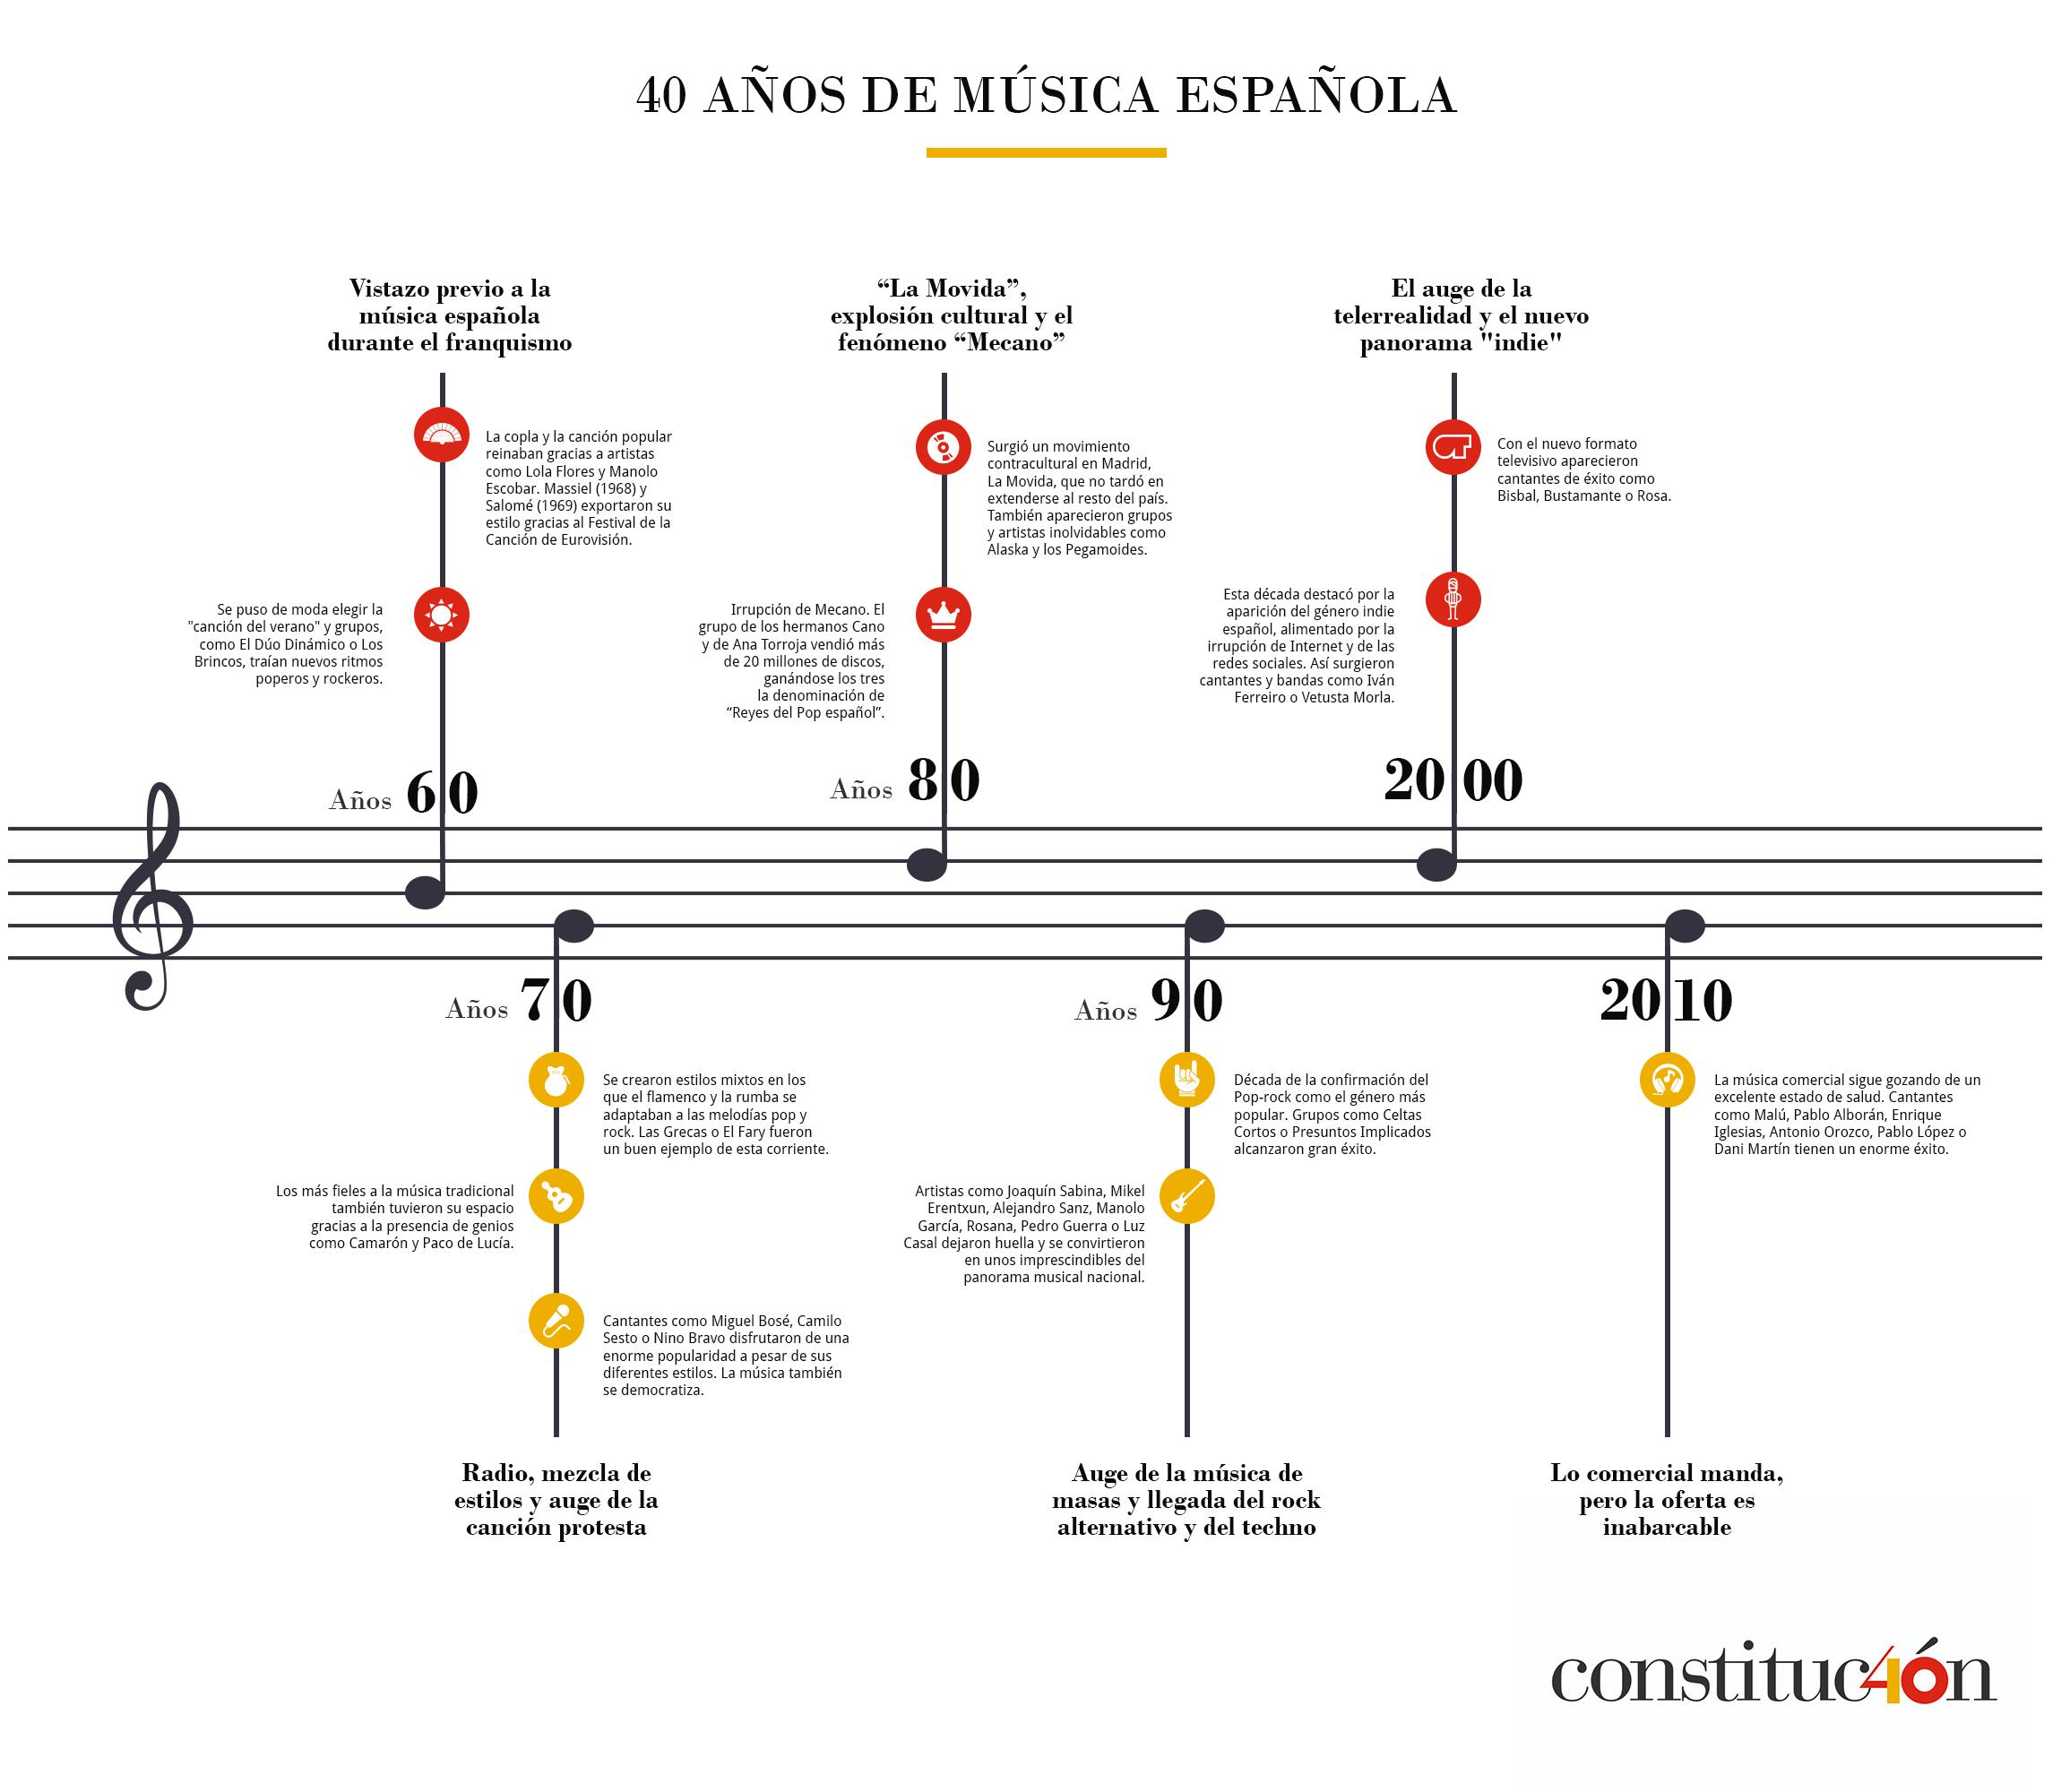 40 años de música española